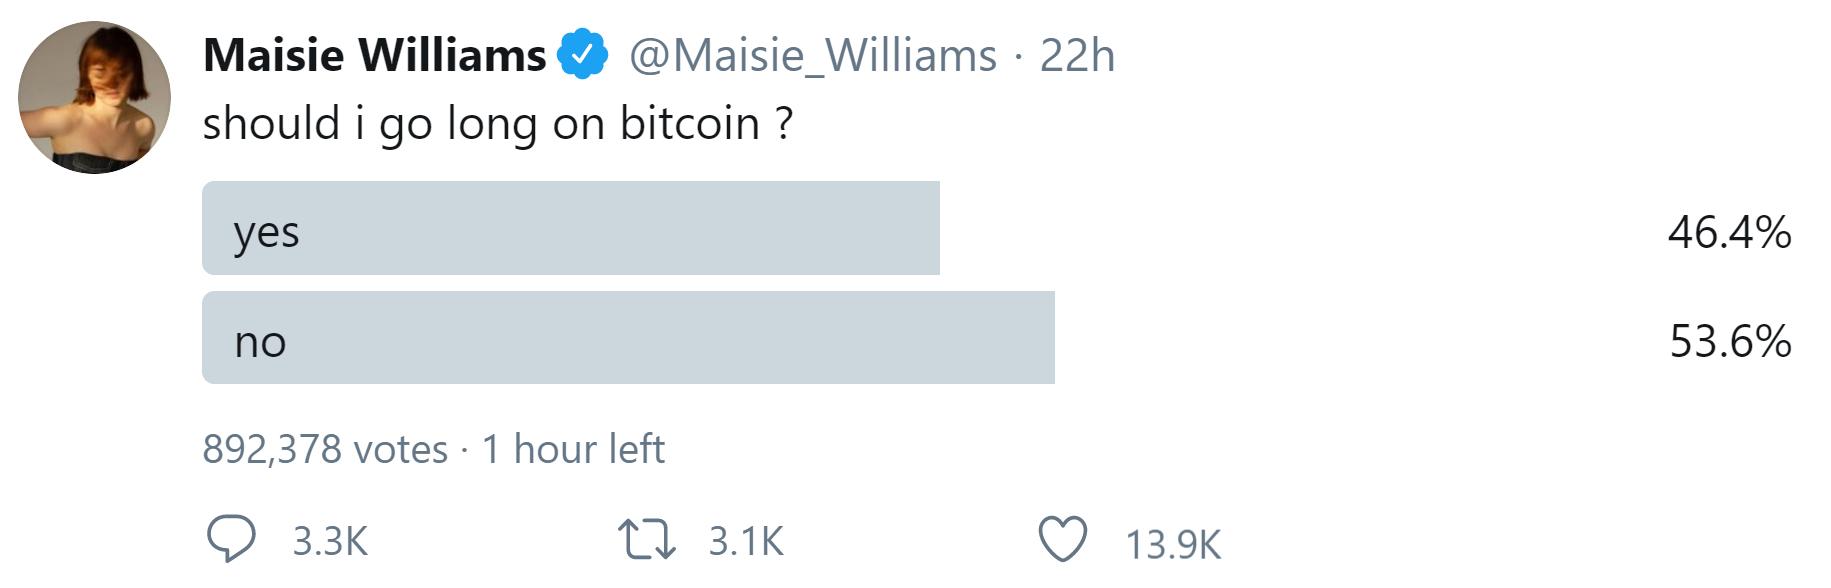 Мейси Уильямс интересуется у подписчиков в Twitter, стоит ли ей покупать биткоины. Скриншот: Twitter